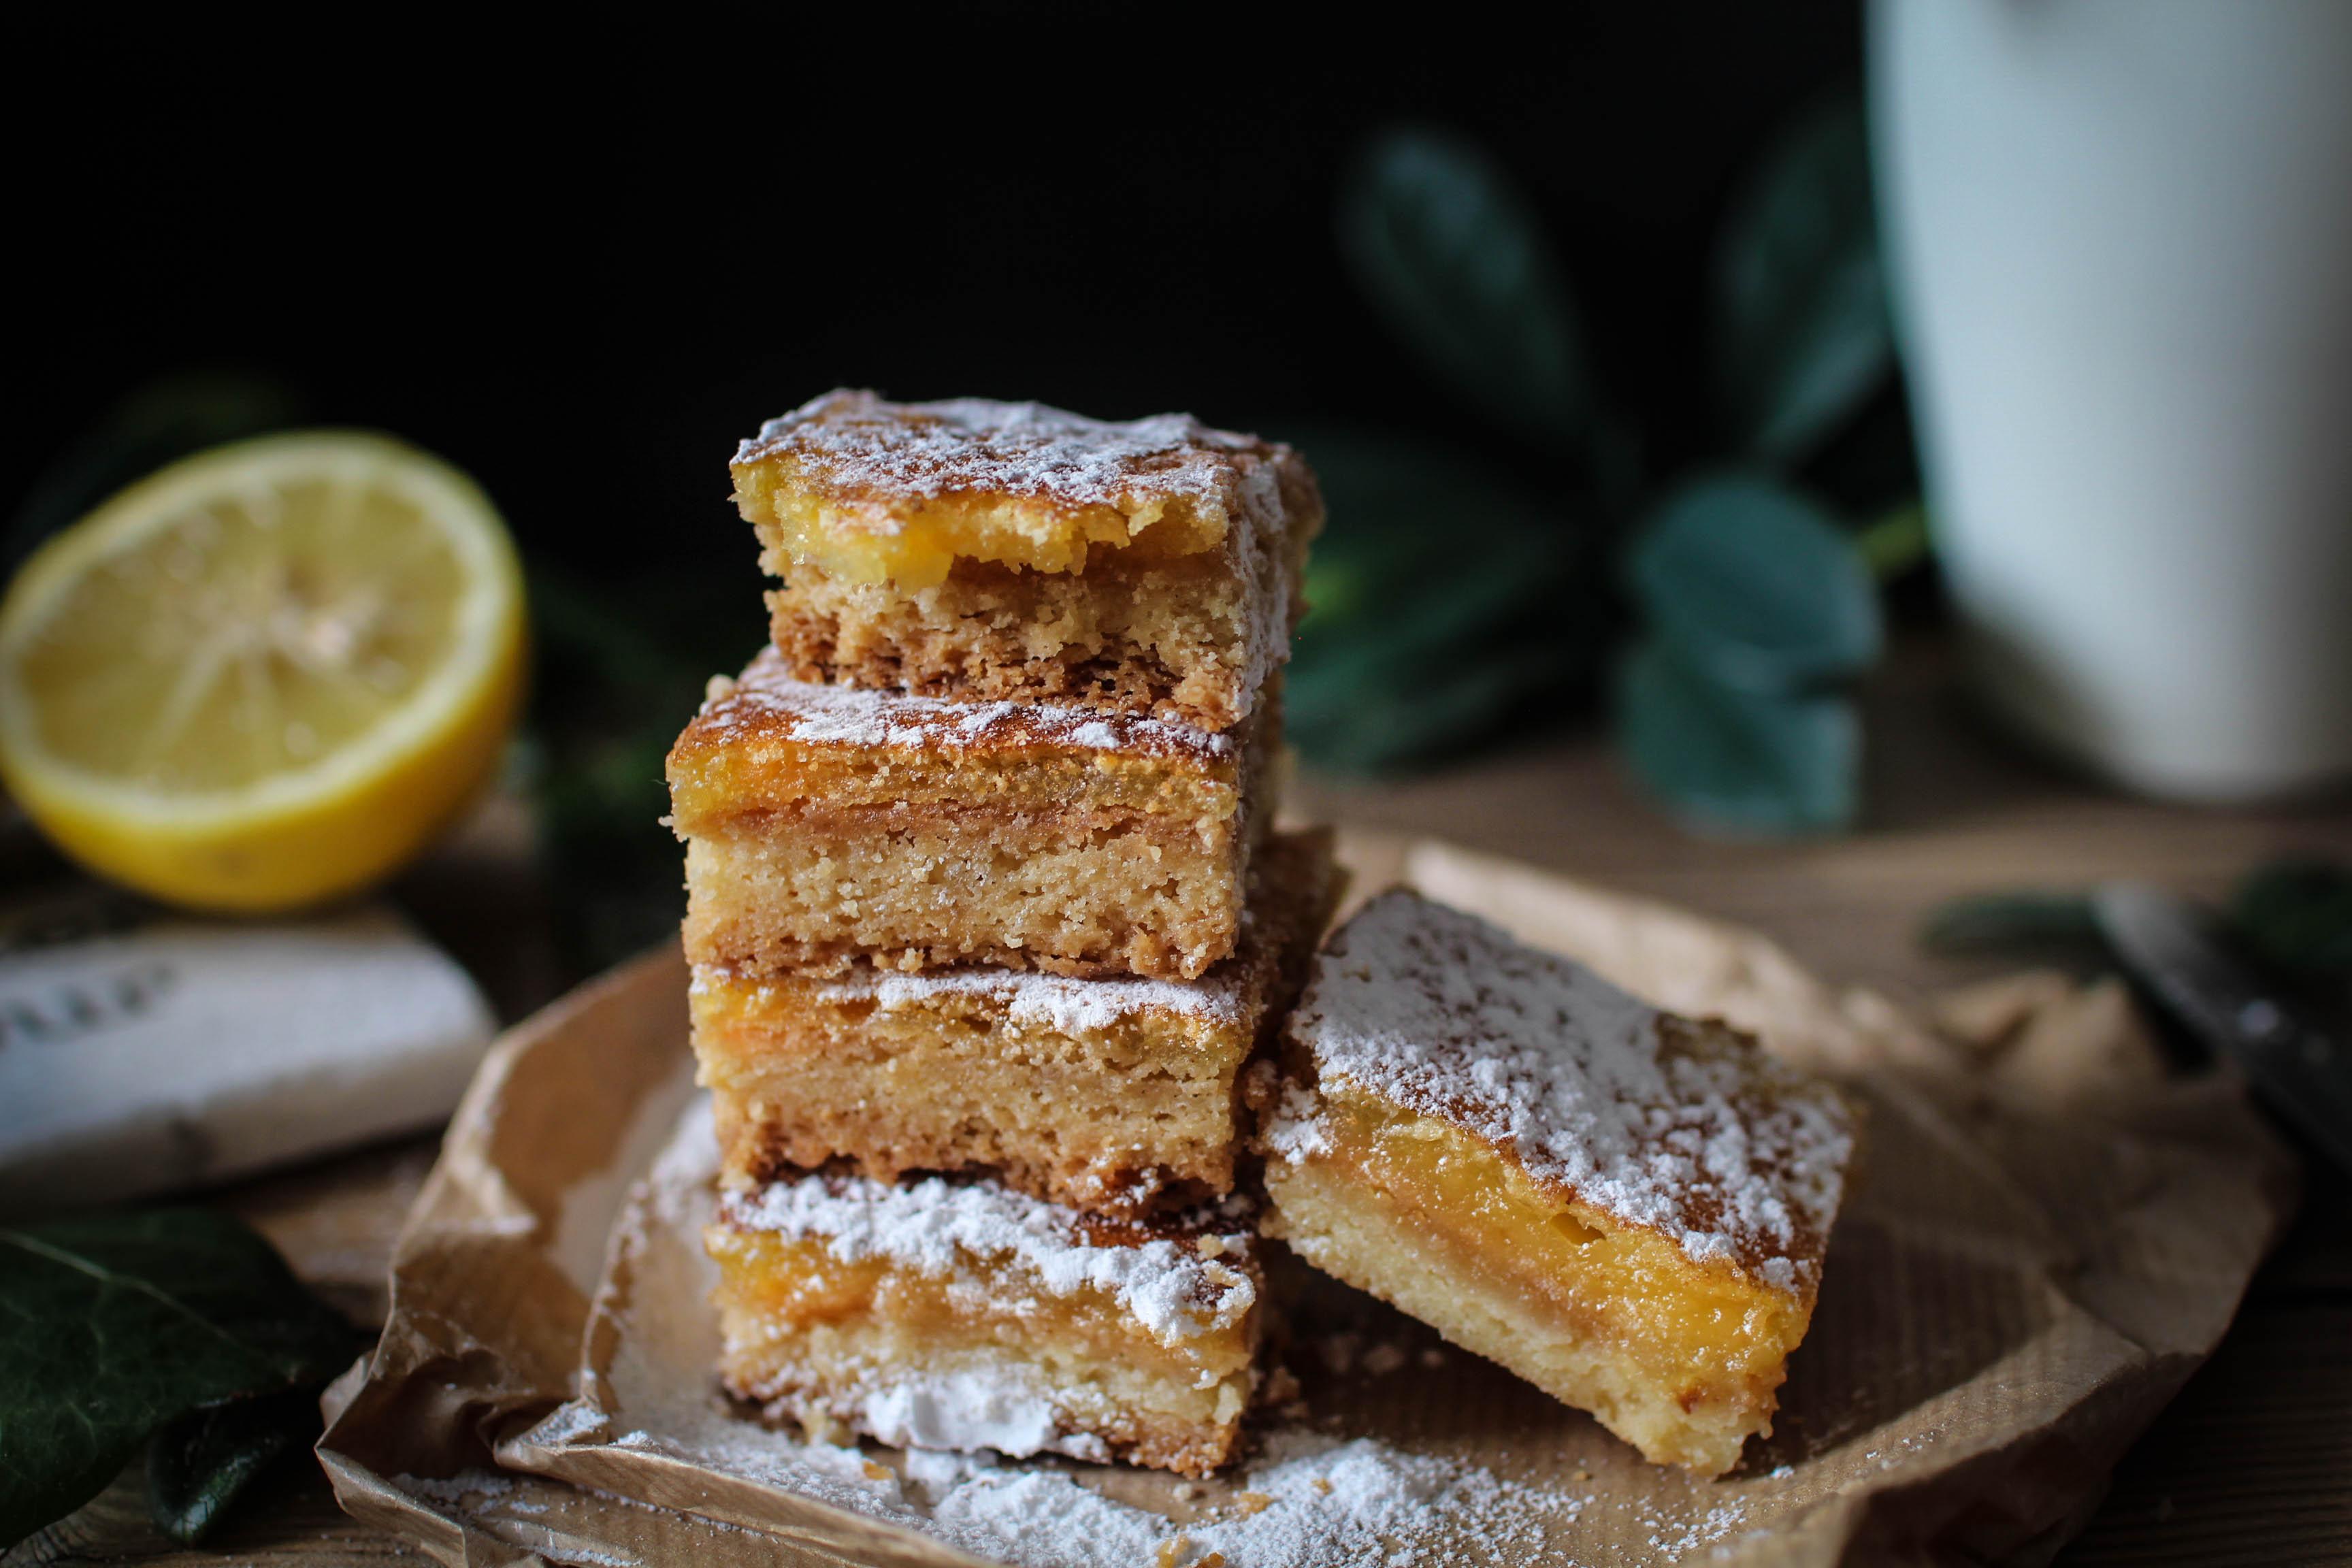 carrés au citron - lemon squares - lemon bars